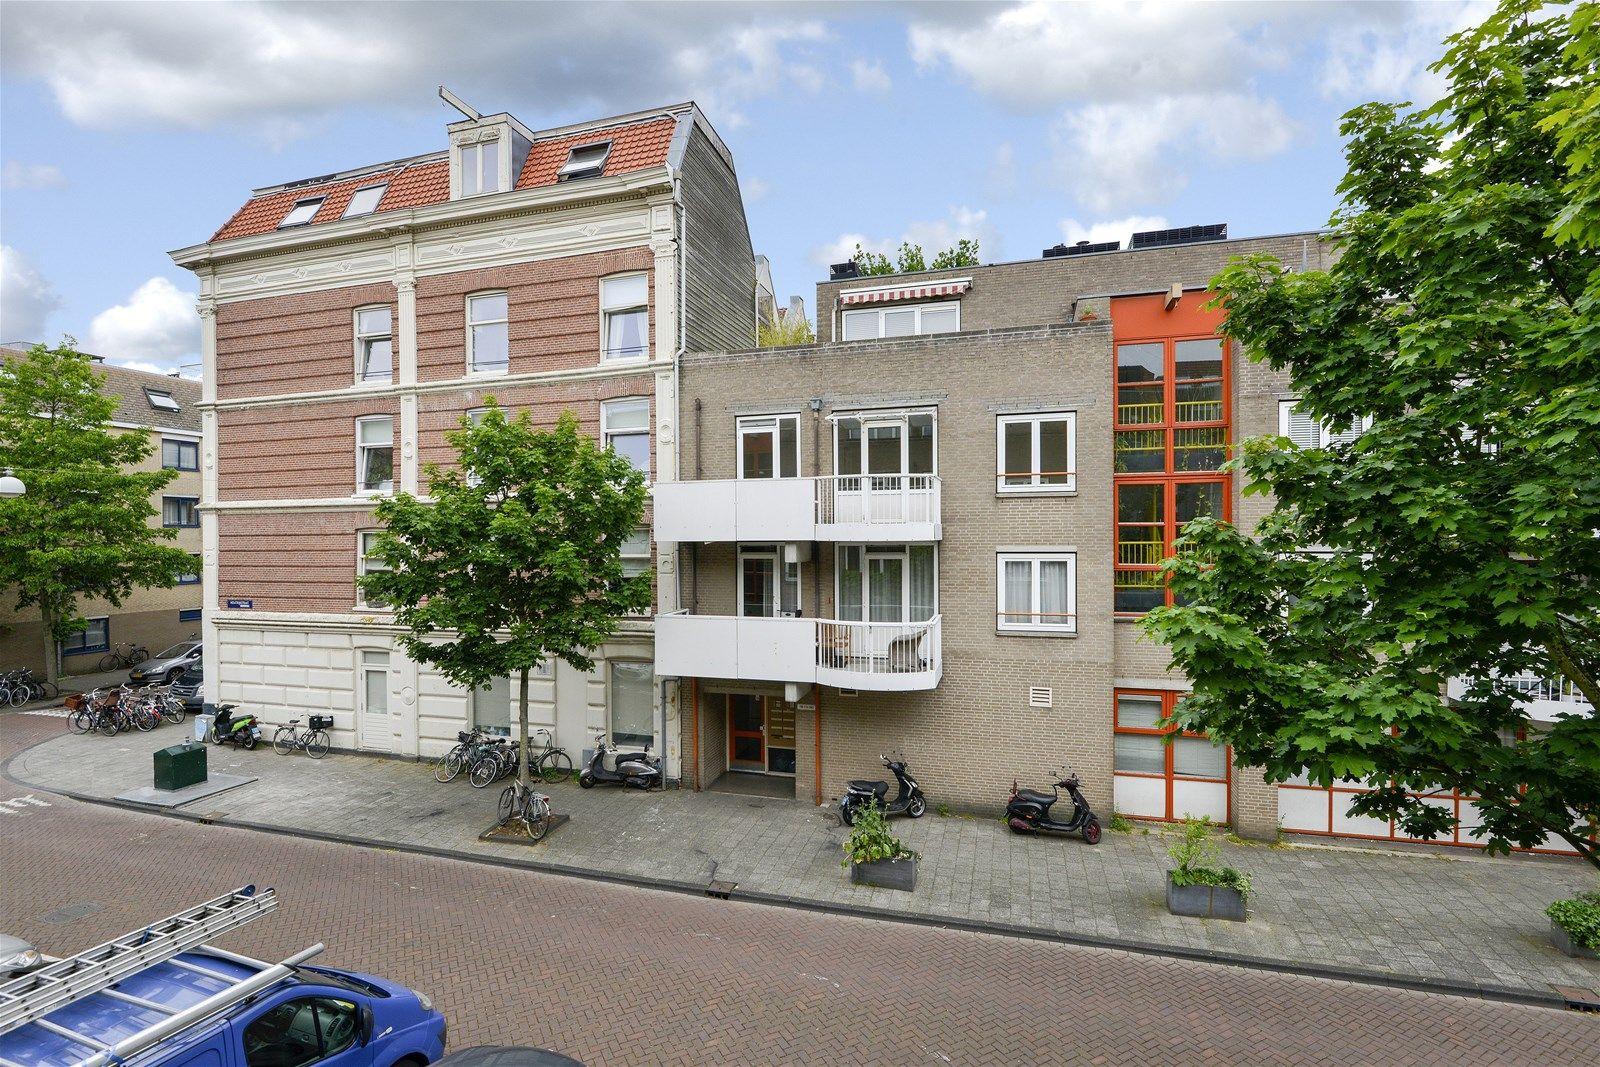 Houtrijkstraat 138, Amsterdam